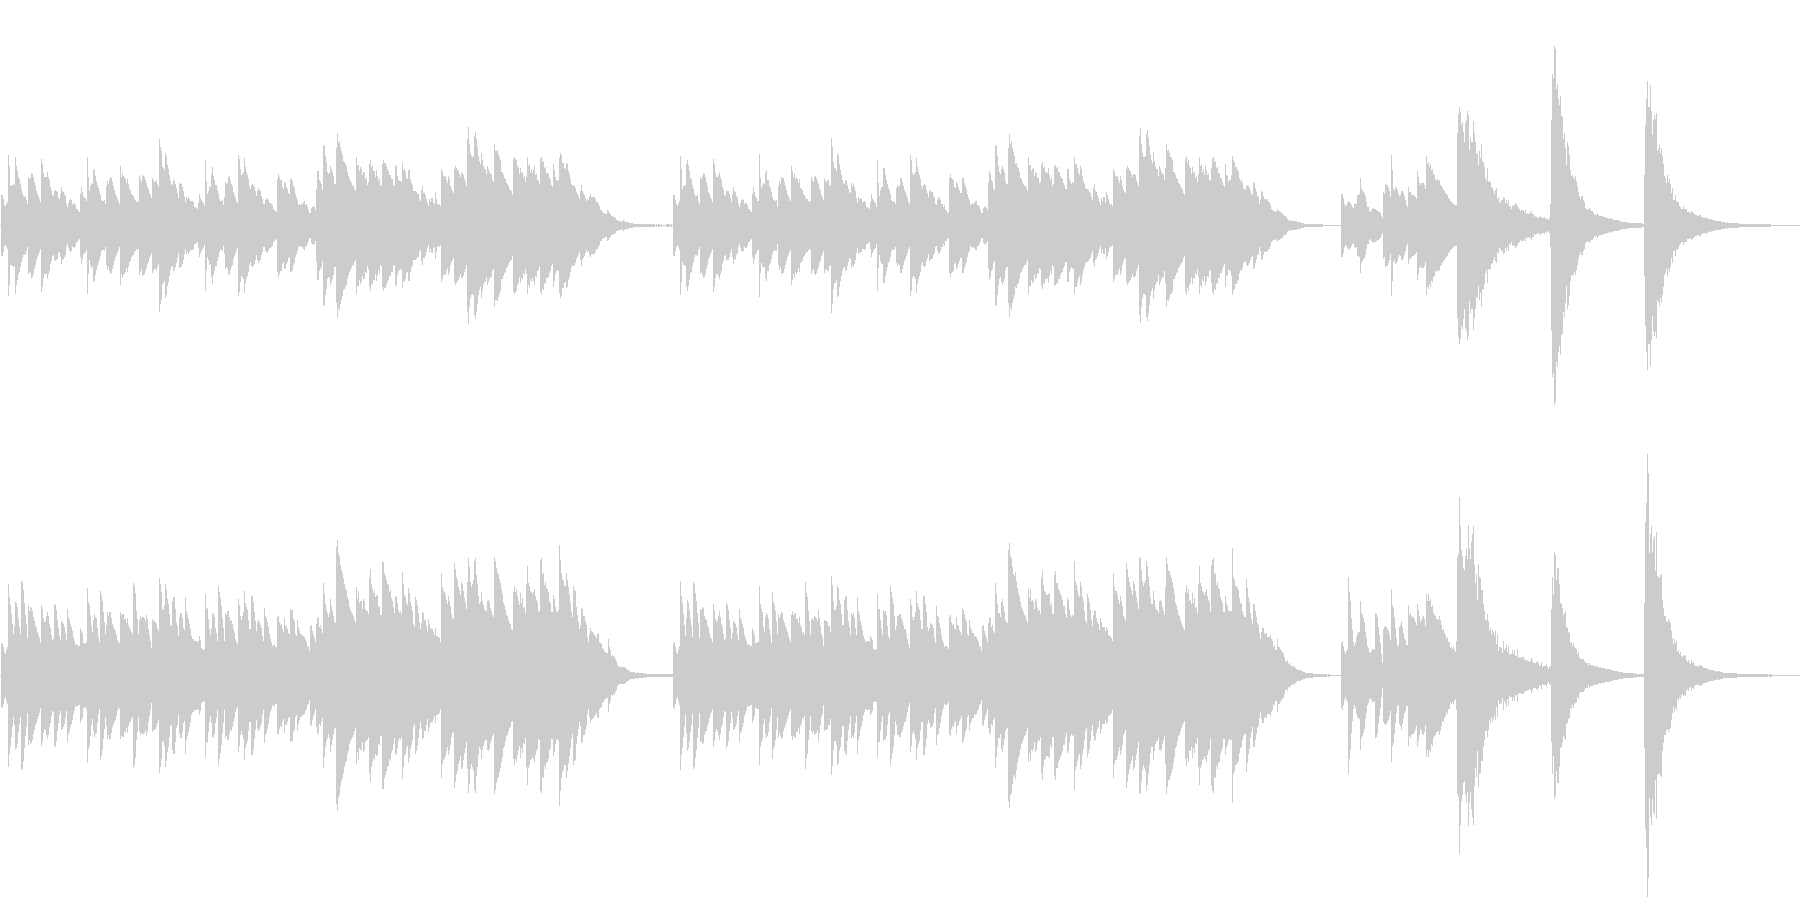 オルゴールメイン和風ホラーBGMの未再生の波形